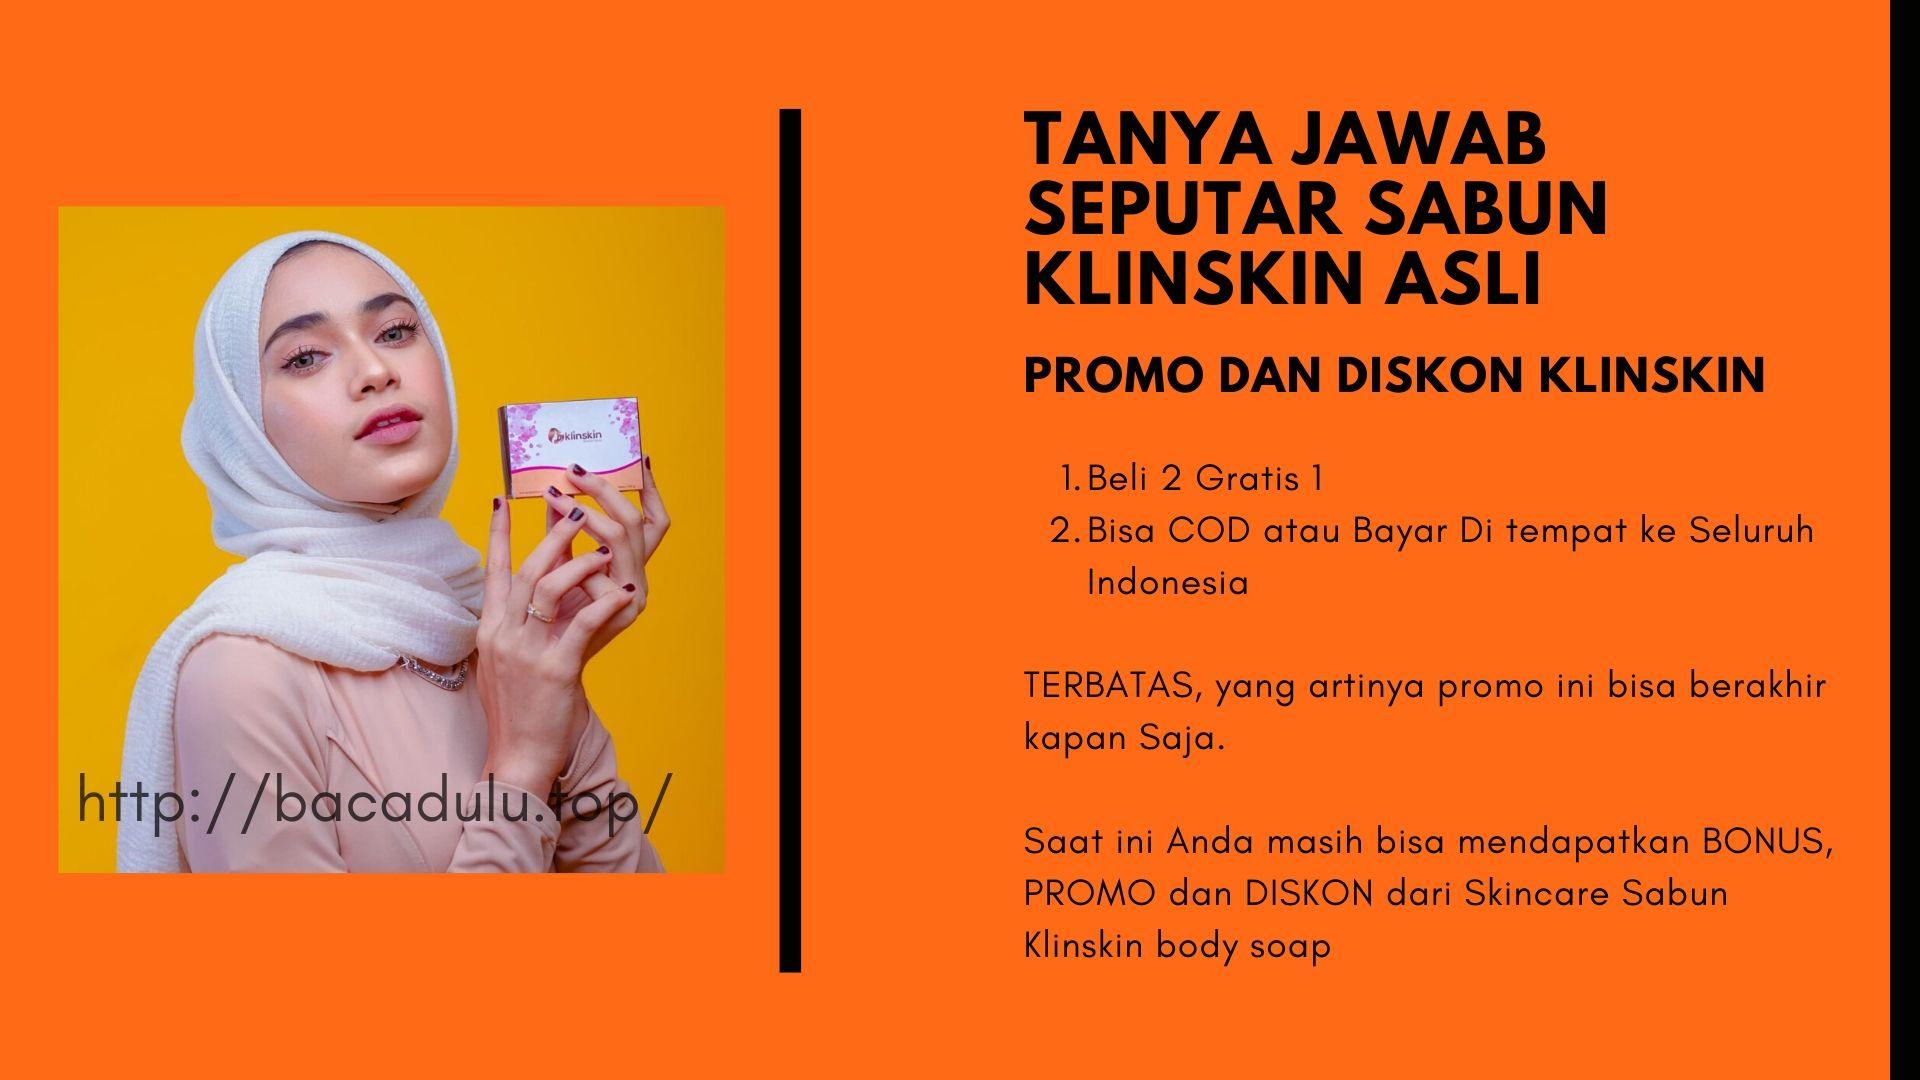 Benarkah ada Promo Beli 2 Gratis 1 dan Bisa Cod atau Bayar di Tempat ke Seluruh Indonesia ?